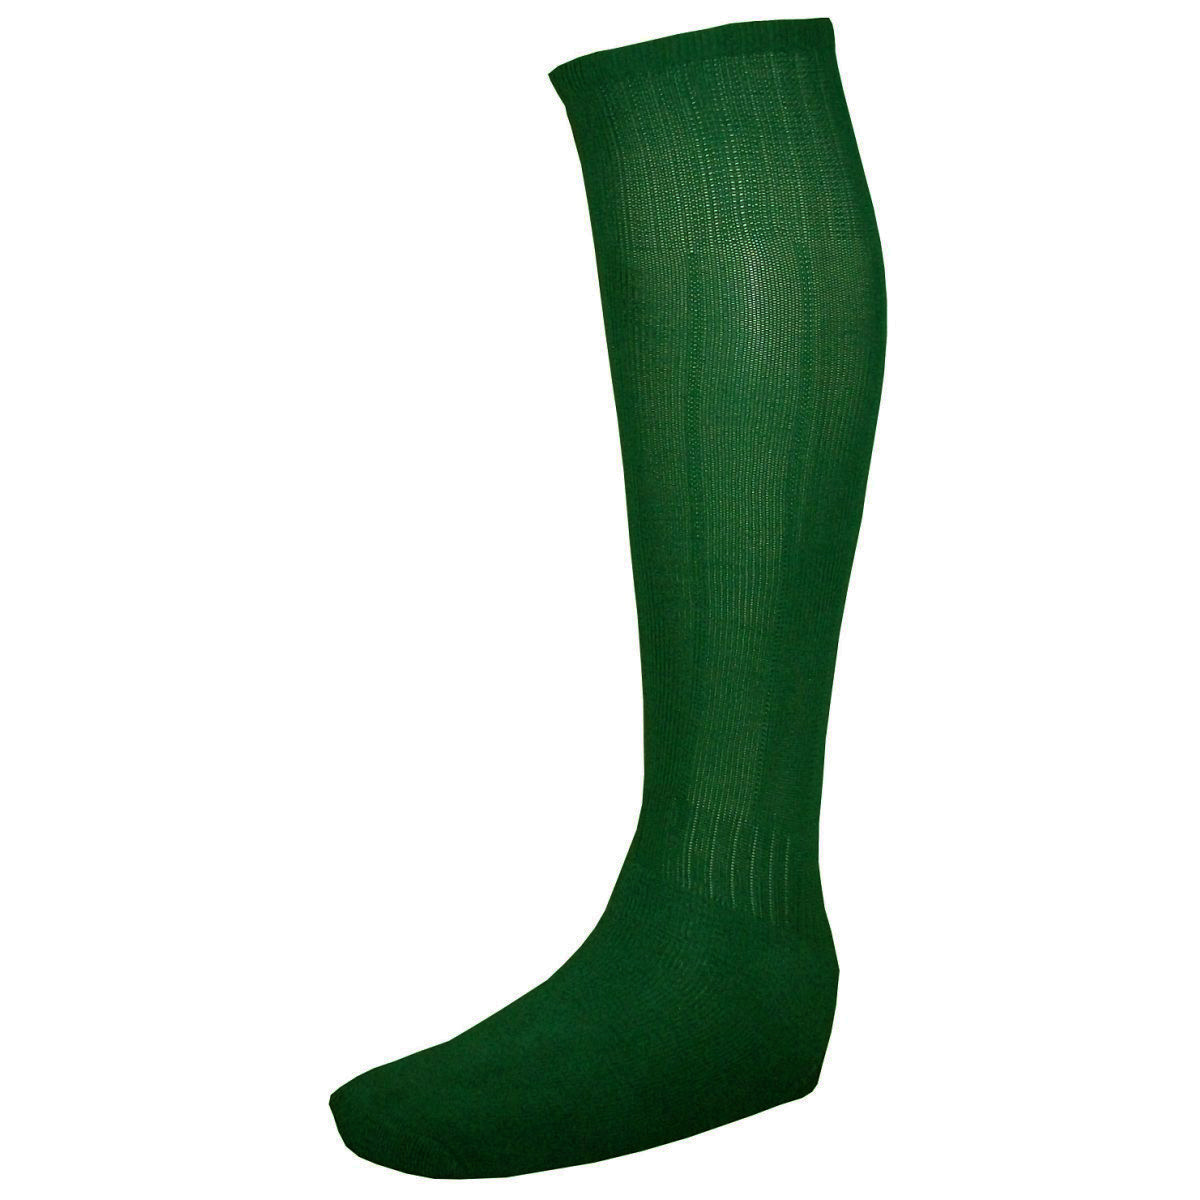 Uniforme Esportivo com 12 Camisas modelo Milan Preto/Verde + 12 Calções modelo Madrid Verde + 12 Pares de meiões Verde